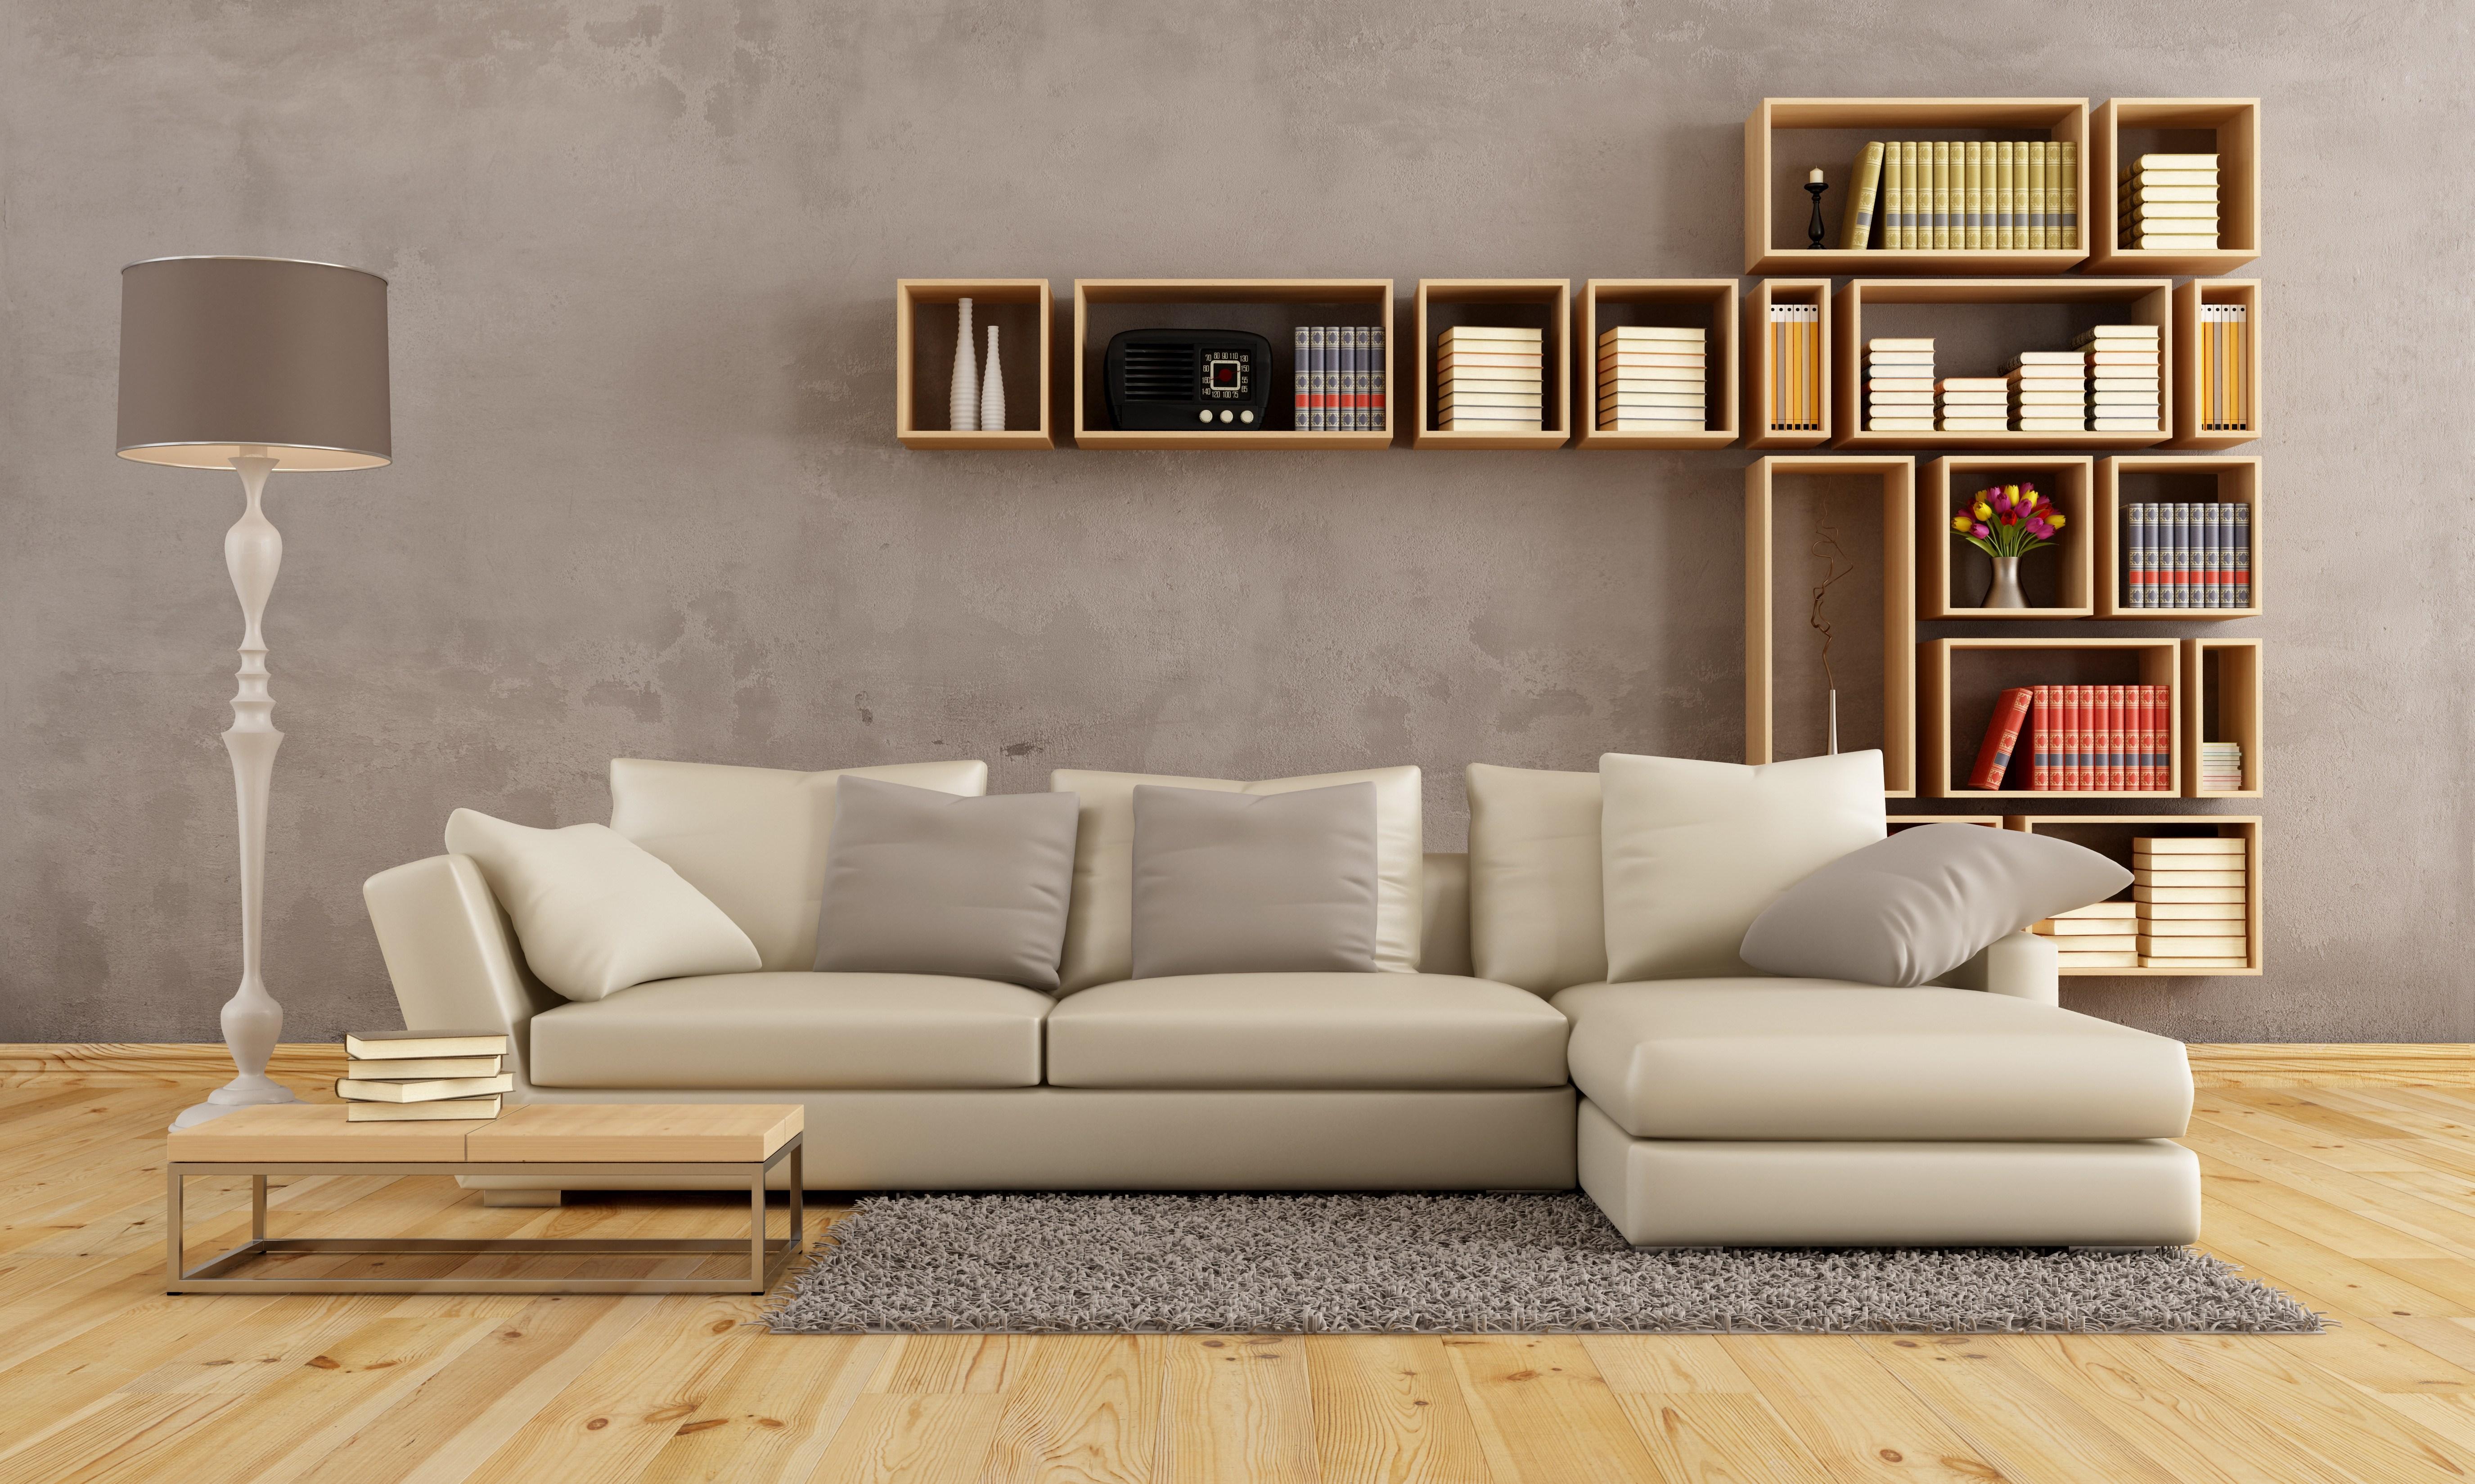 угловые диваны в гостиную 94 фото большой мягкий диван выбираем